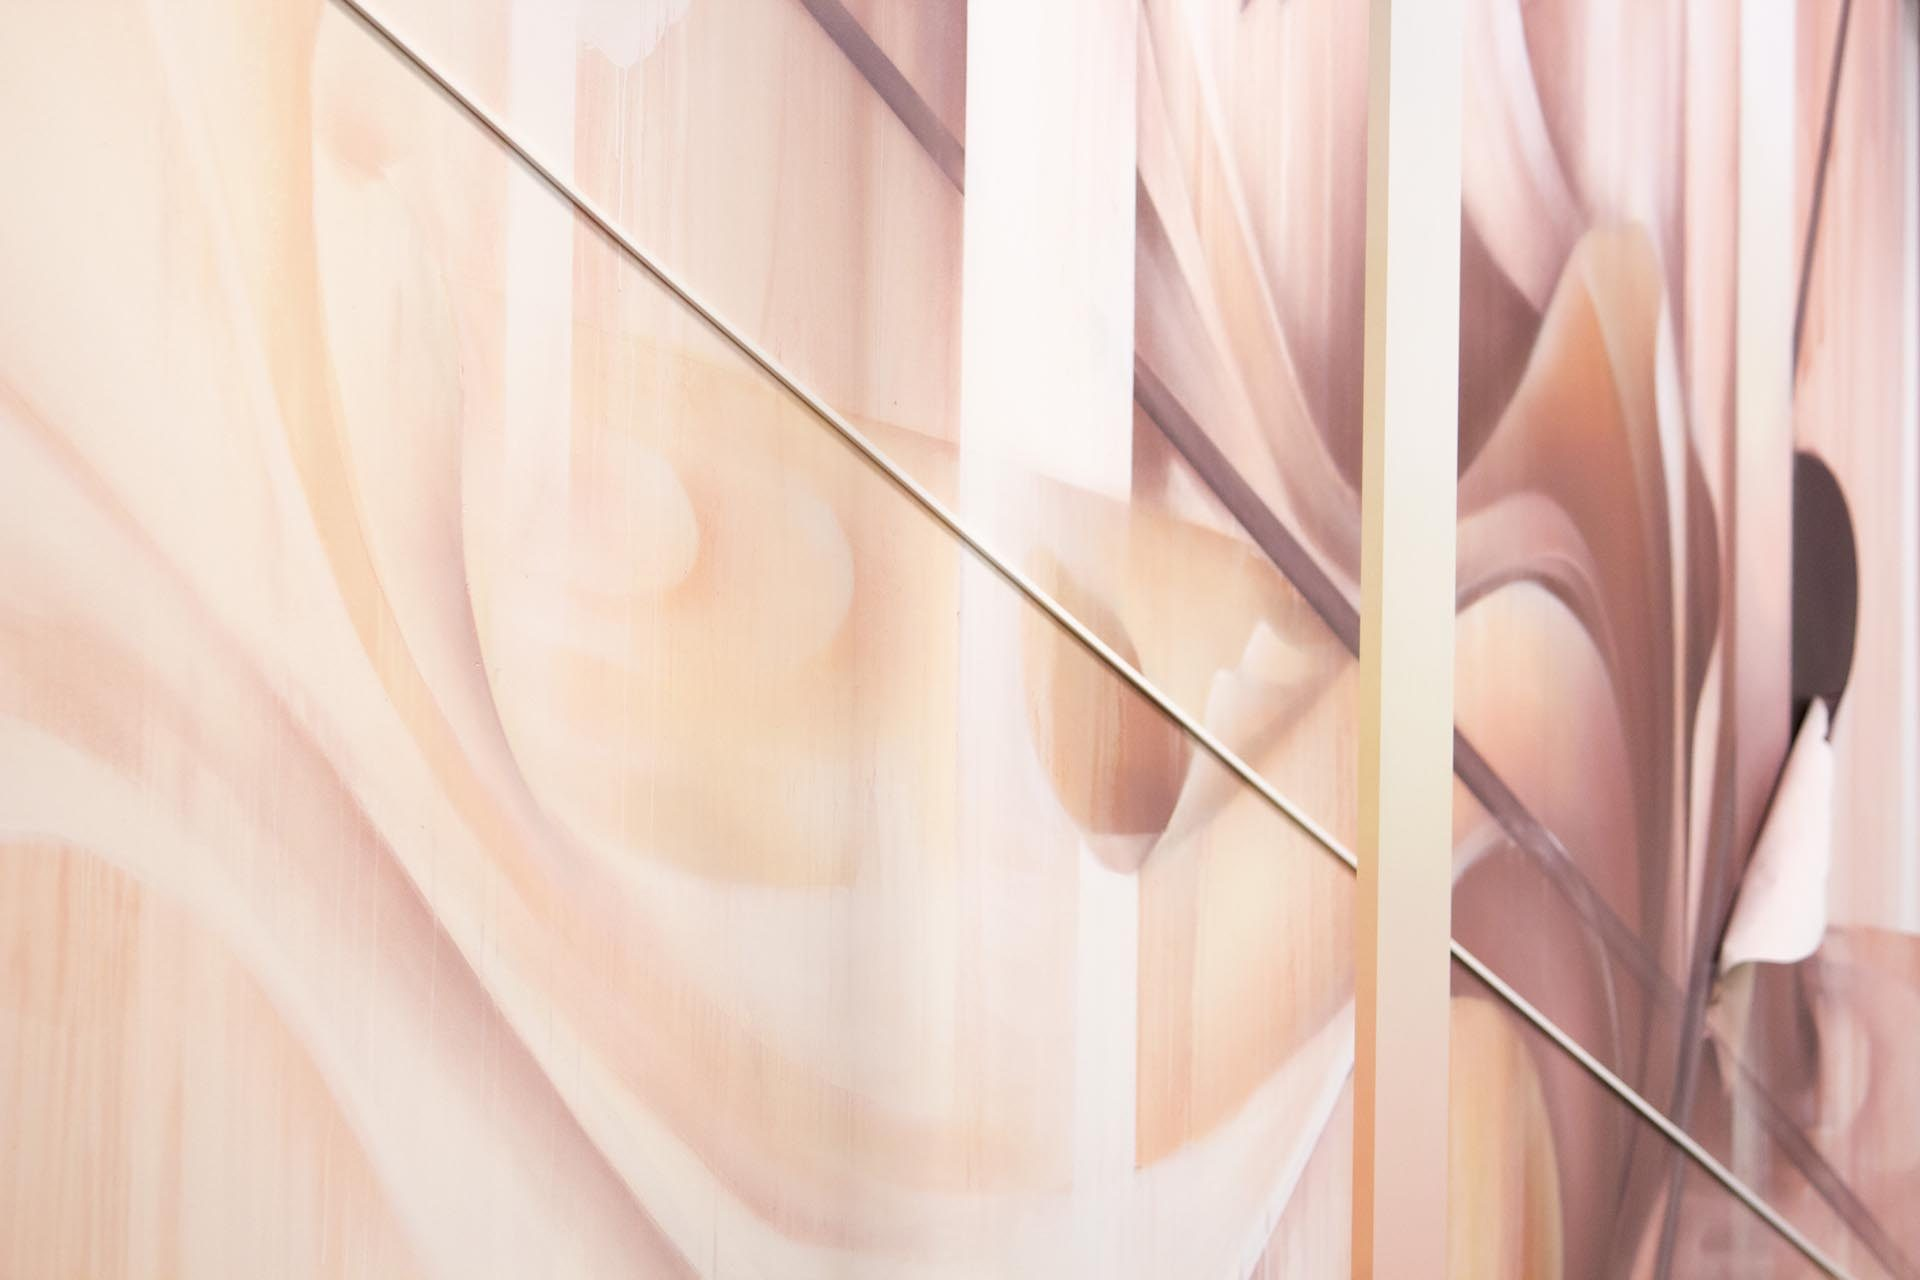 roubens-duquenne-abstract-organic-vegetal-flower-contemporary-paint-landscape-street-art-natural-mural-belgium-pink_12